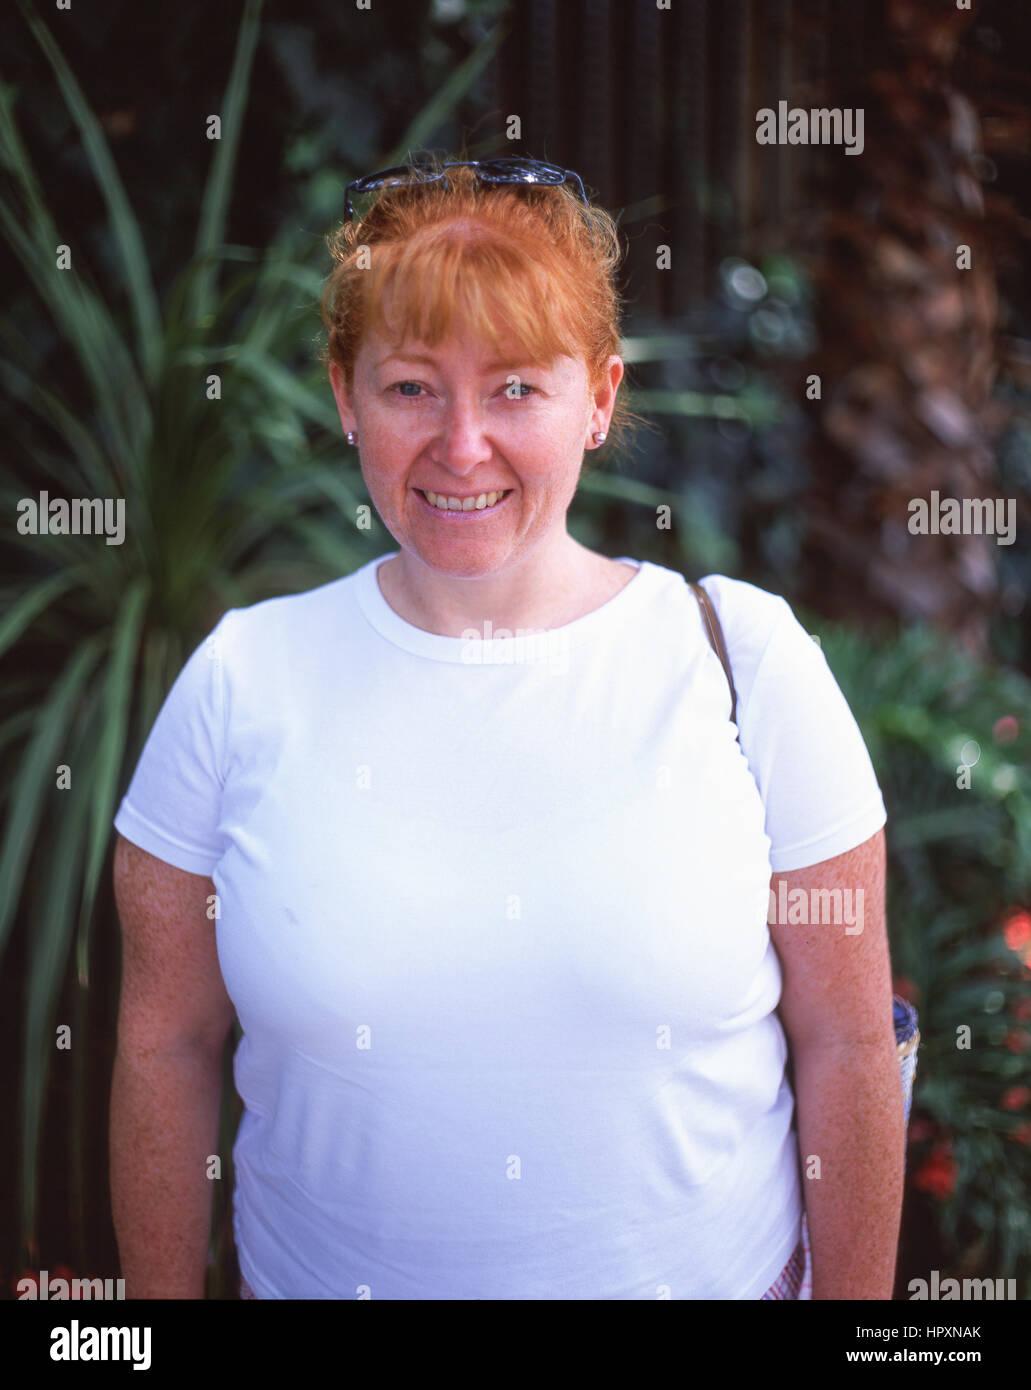 Jeune femme à tête rouge (30 ans), Surrey, Angleterre, Royaume-Uni Photo Stock